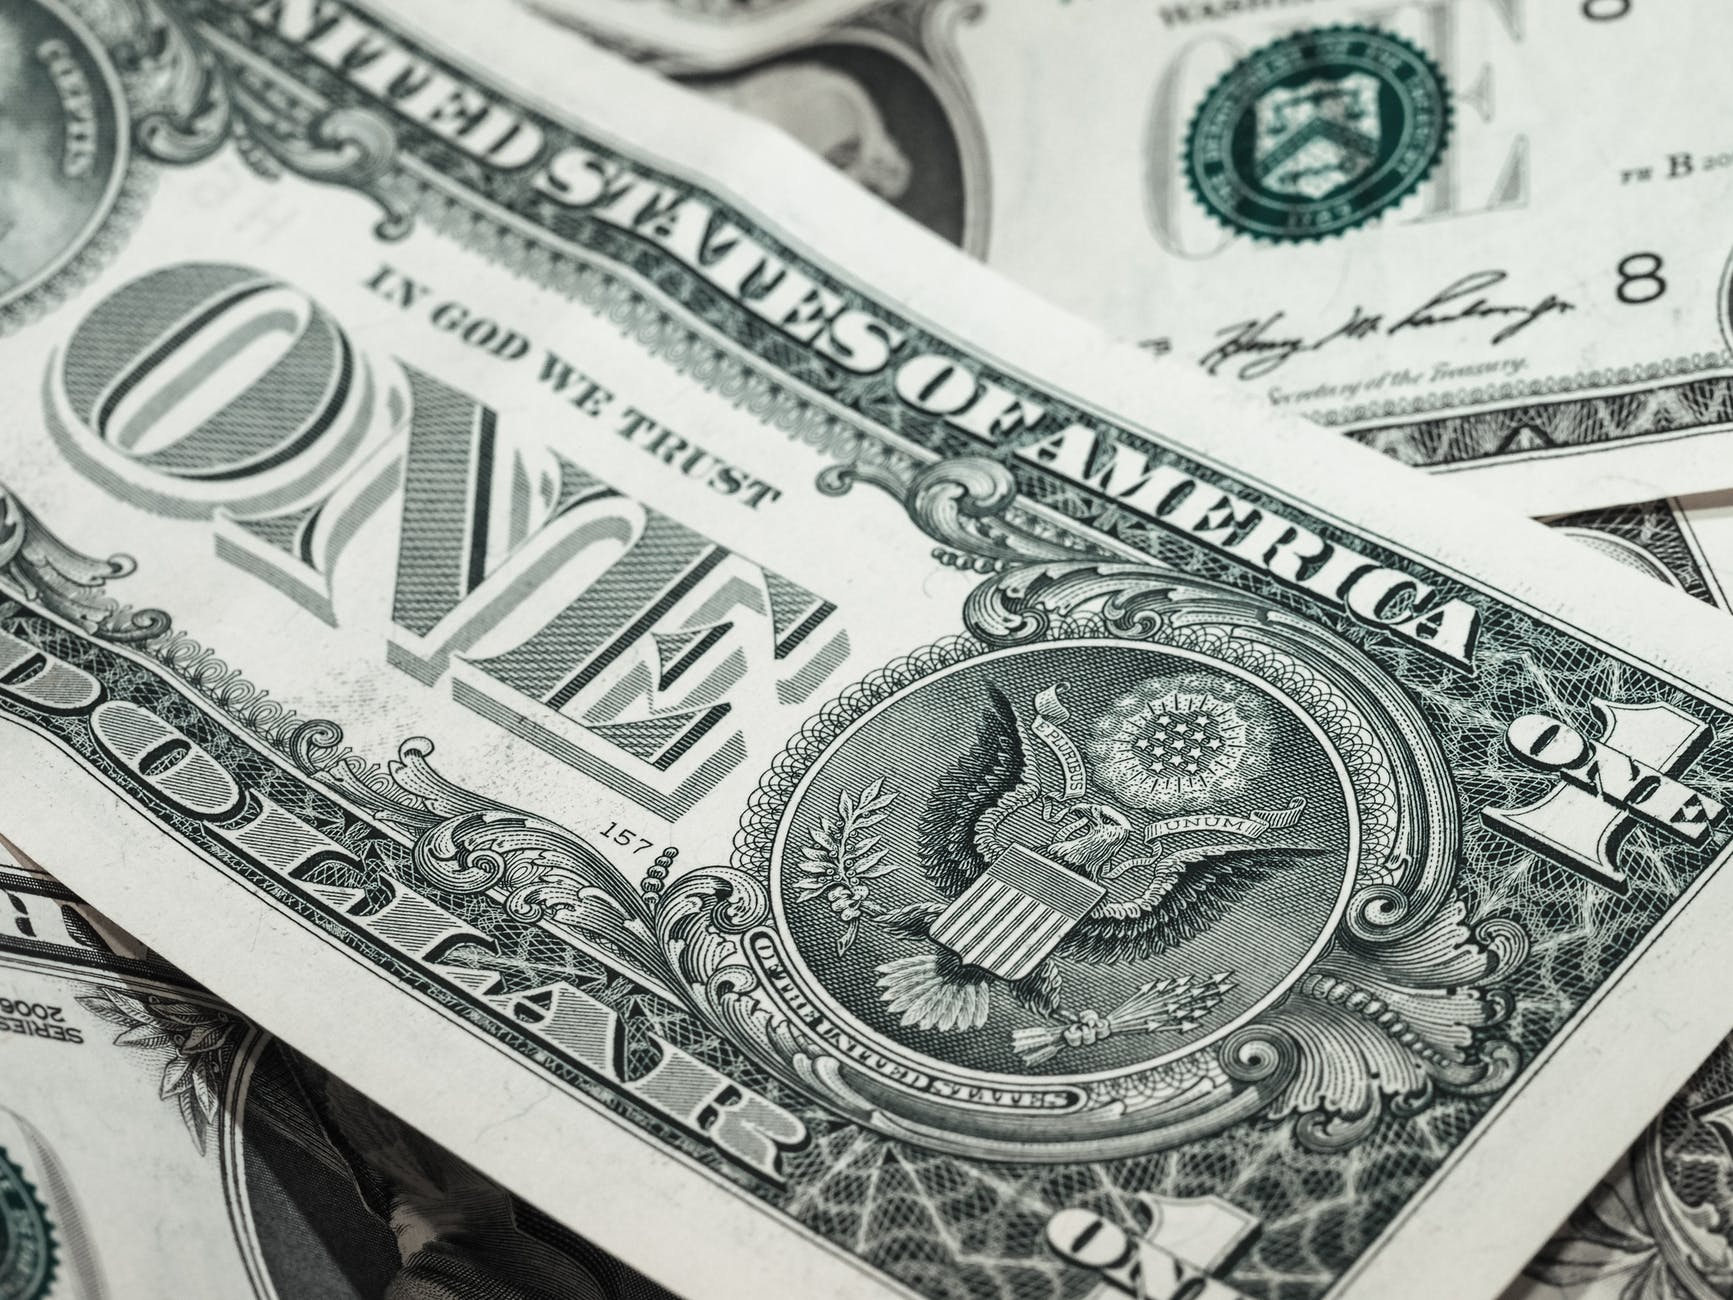 Le dollar américain restera faible, quel que soit le futur président des Etats-Unis